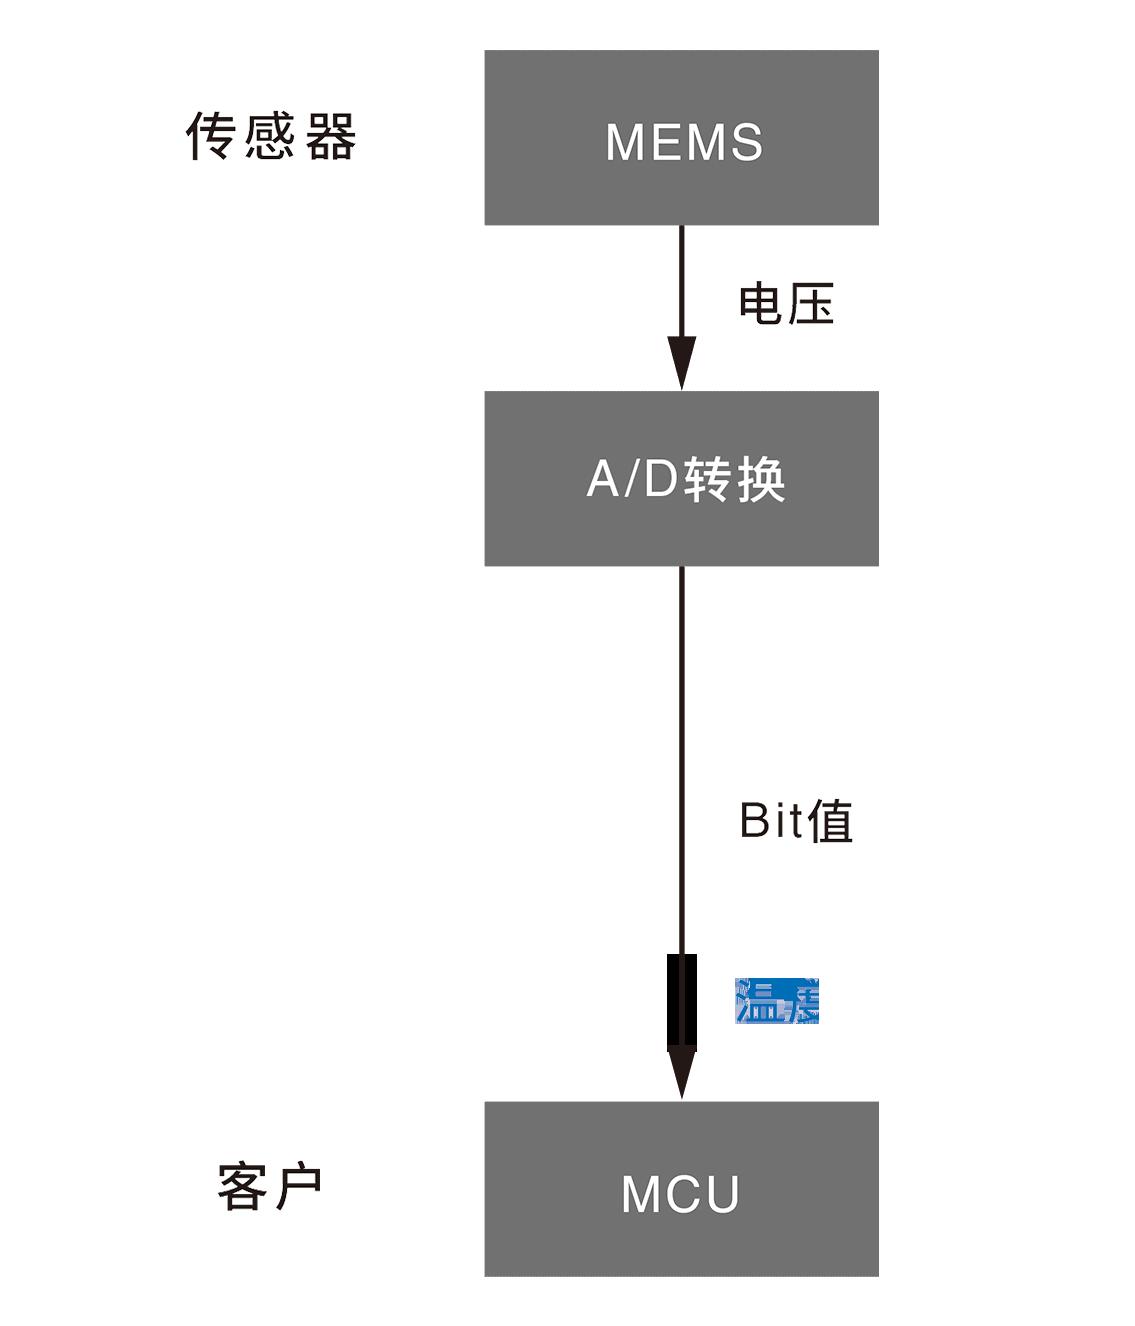 传感器 MEMS→(电压)→A/D转换(Bit值) 客户 MCU